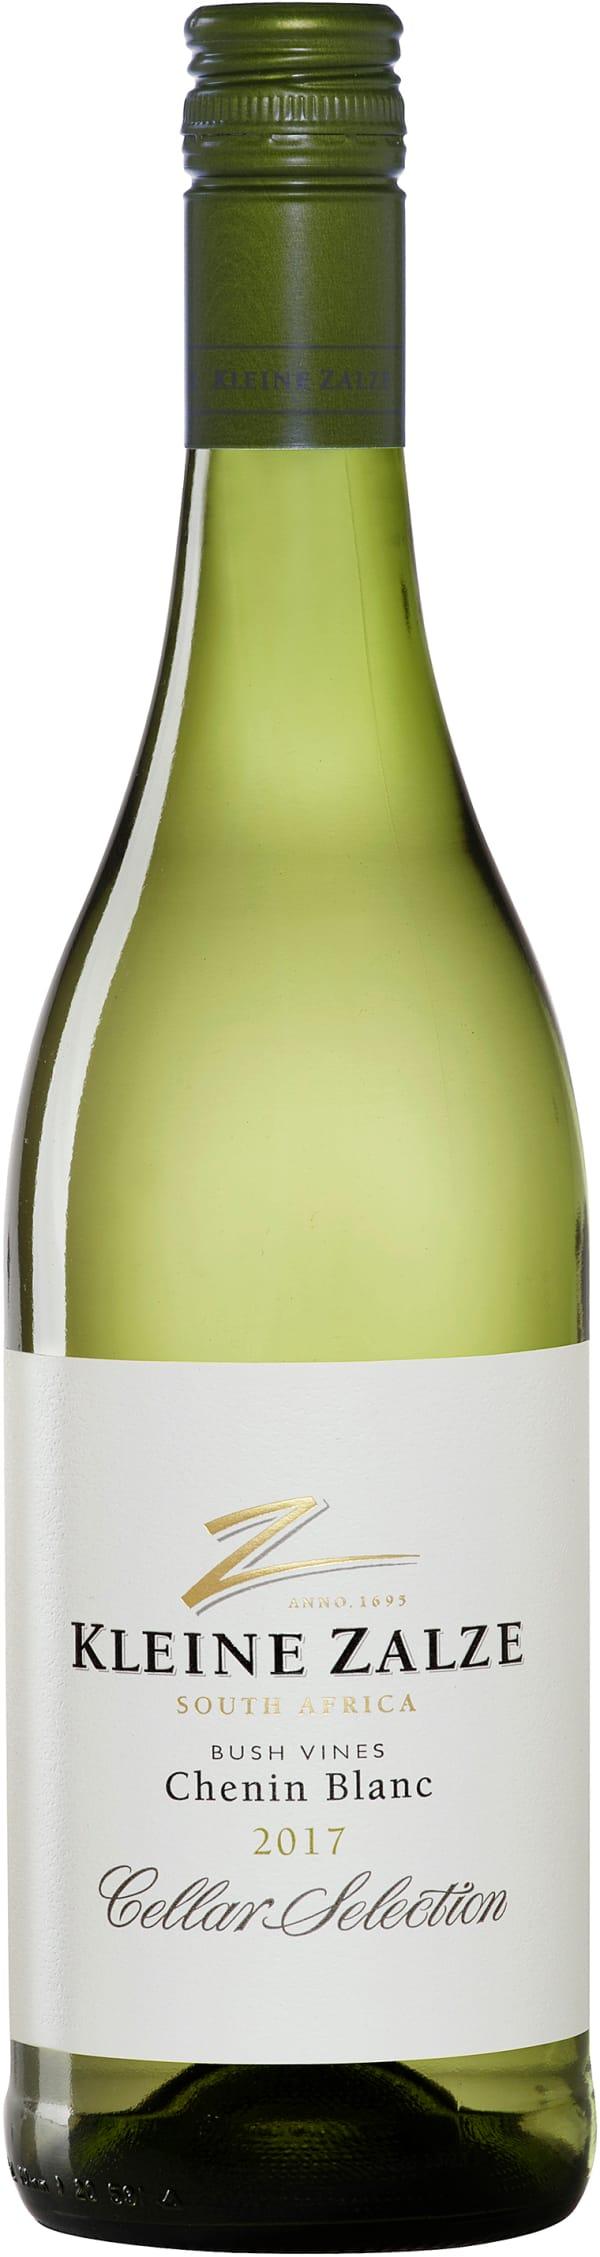 Kleine Zalze Bush Vines Chenin Blanc 2017